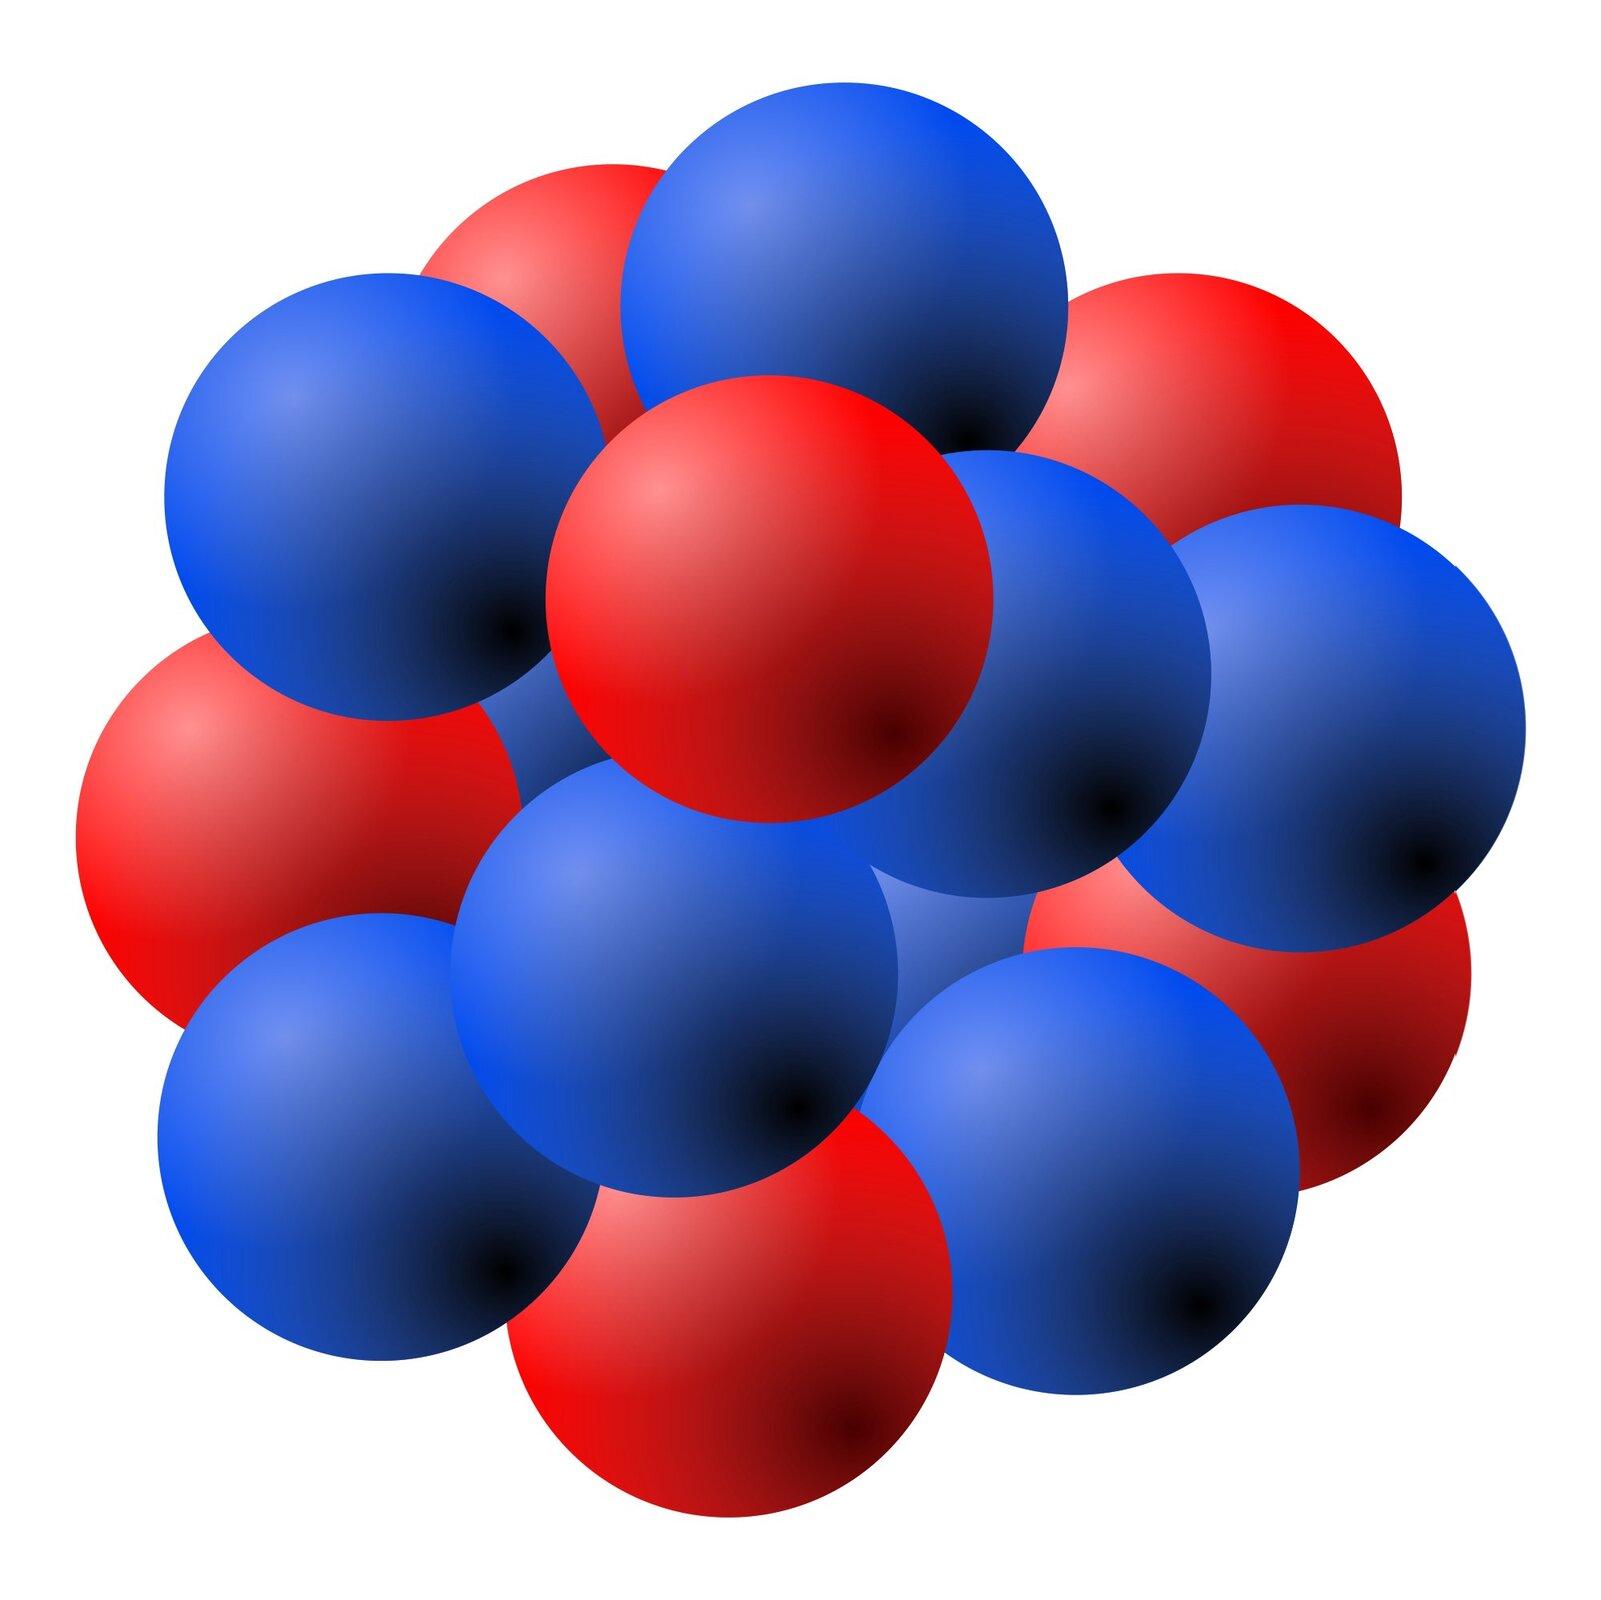 Rysunek przedstawia model jądra atomu składający się zsześciu czerwonych kul symbolizujących protony idziewięciu niebieskich kul symbolizujących elektrony. Kule te są ściśnięte ze sobą tworząc obiekt wprzybliżeniu kulisty, ale onieregularnej powierzchni.